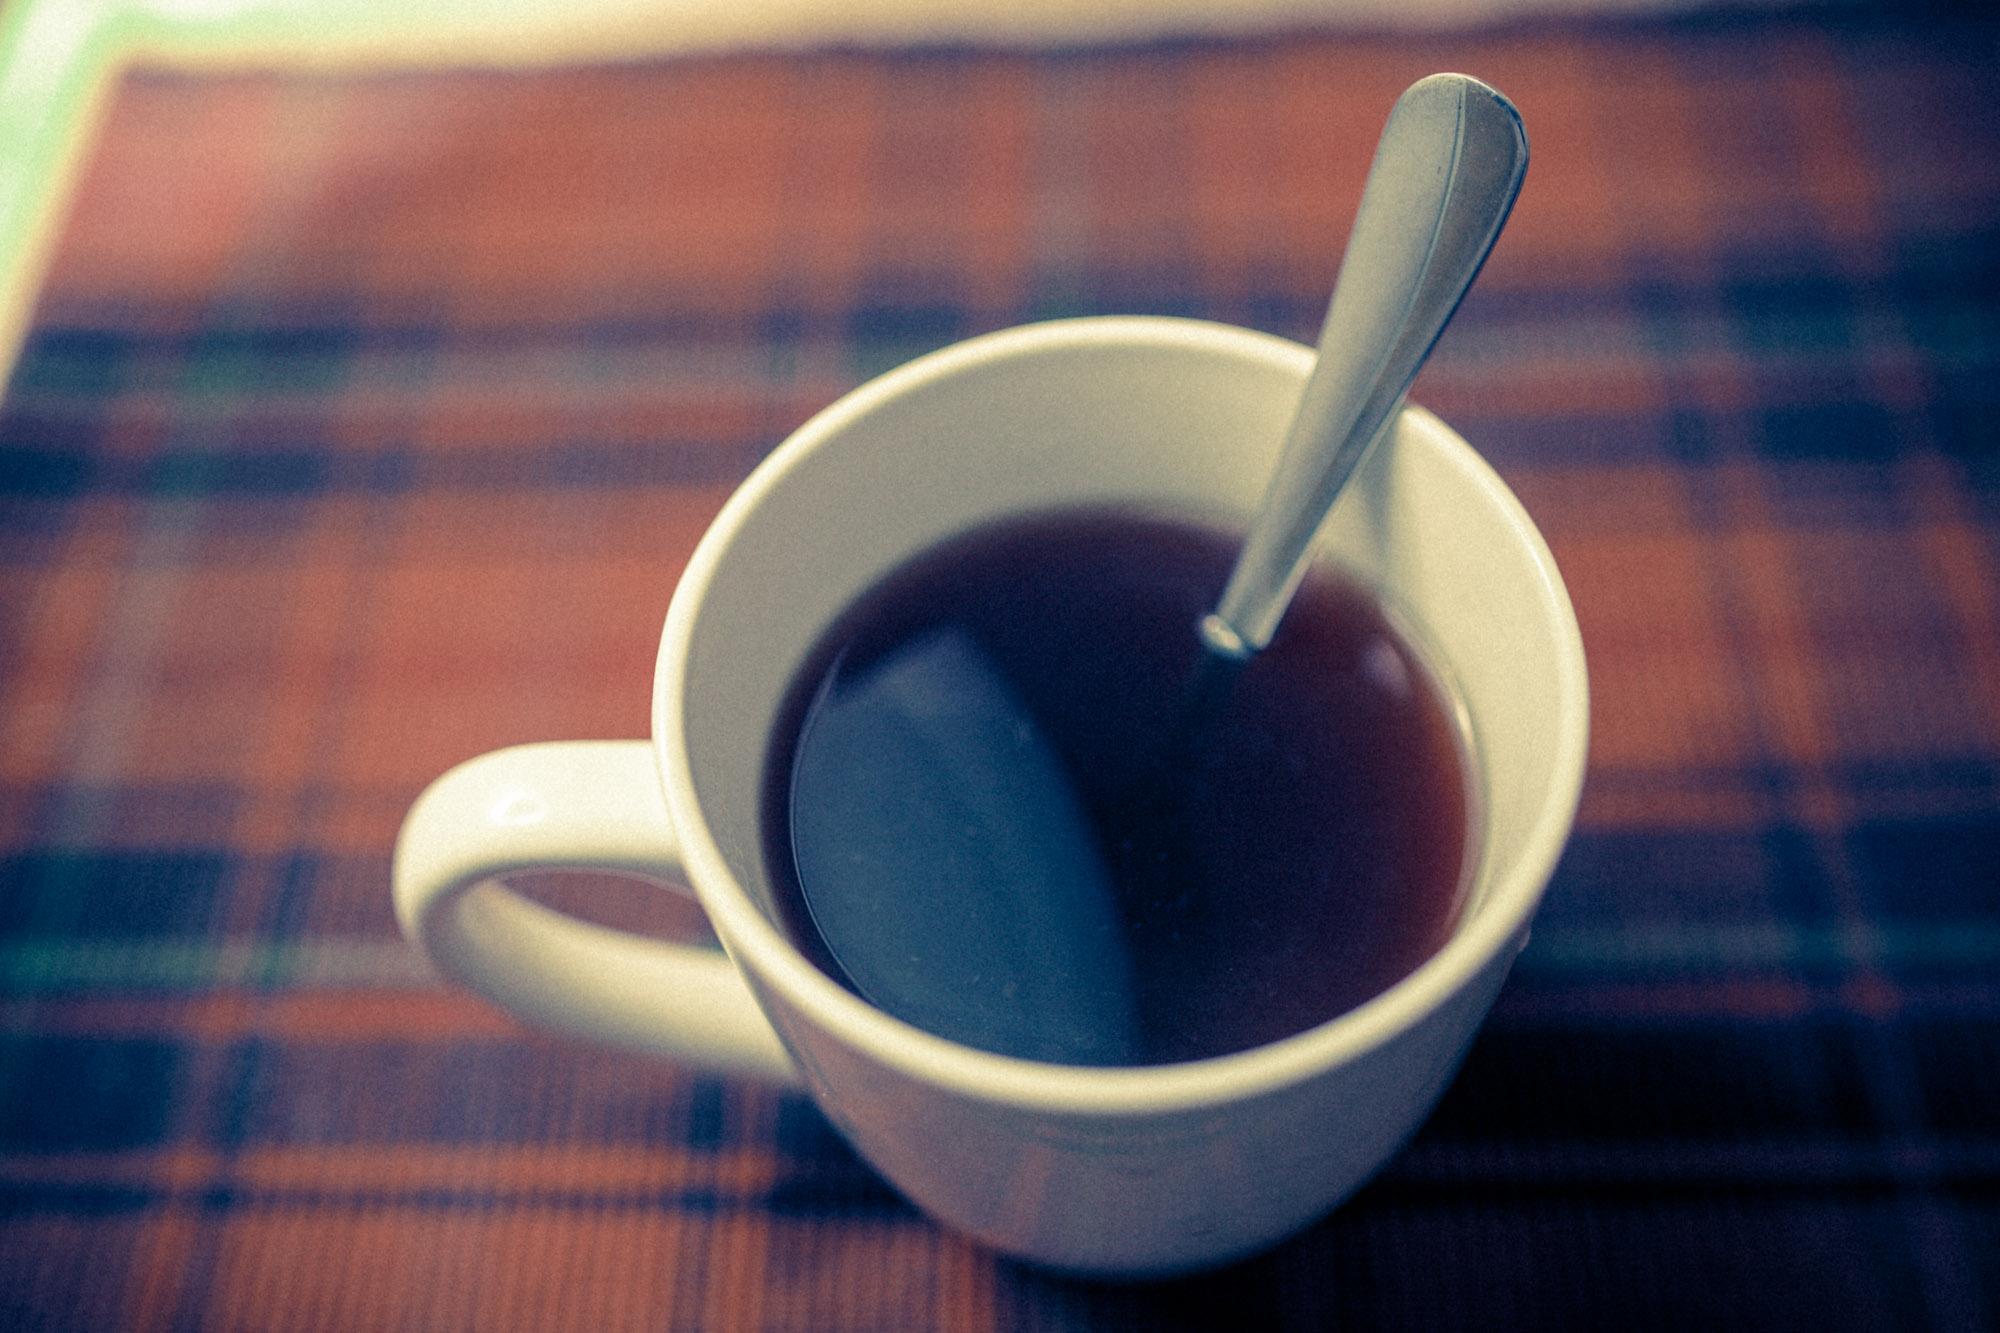 Chris Gampat Digital Camera Review Red Tea image (1 of 1)ISO 4001-80 sec at f - 2.0